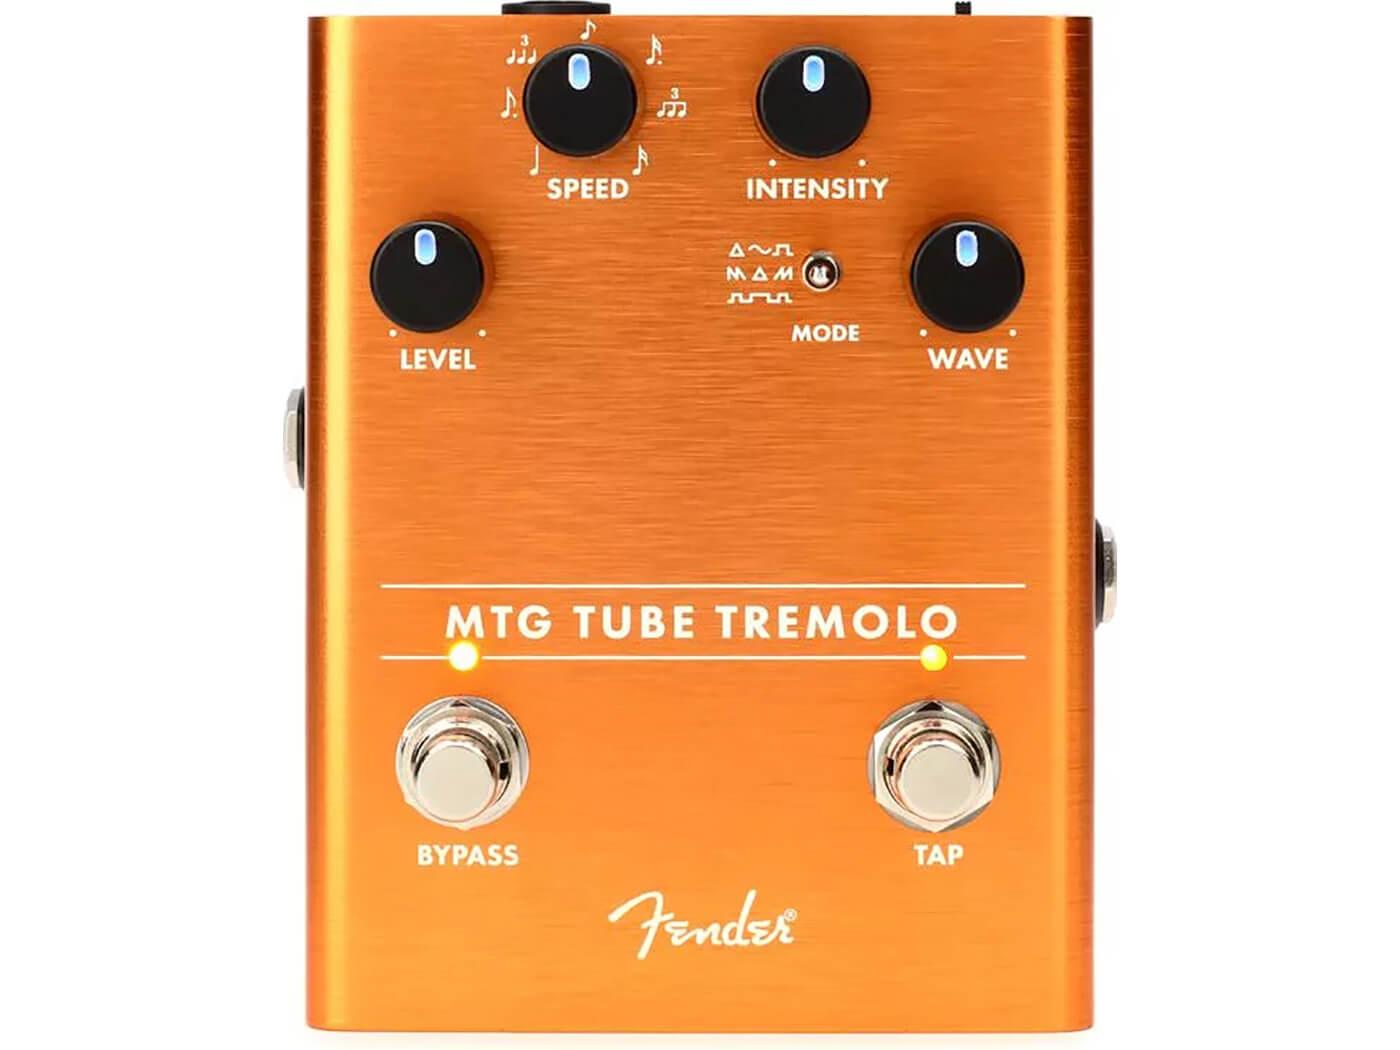 Fender MTG Tube